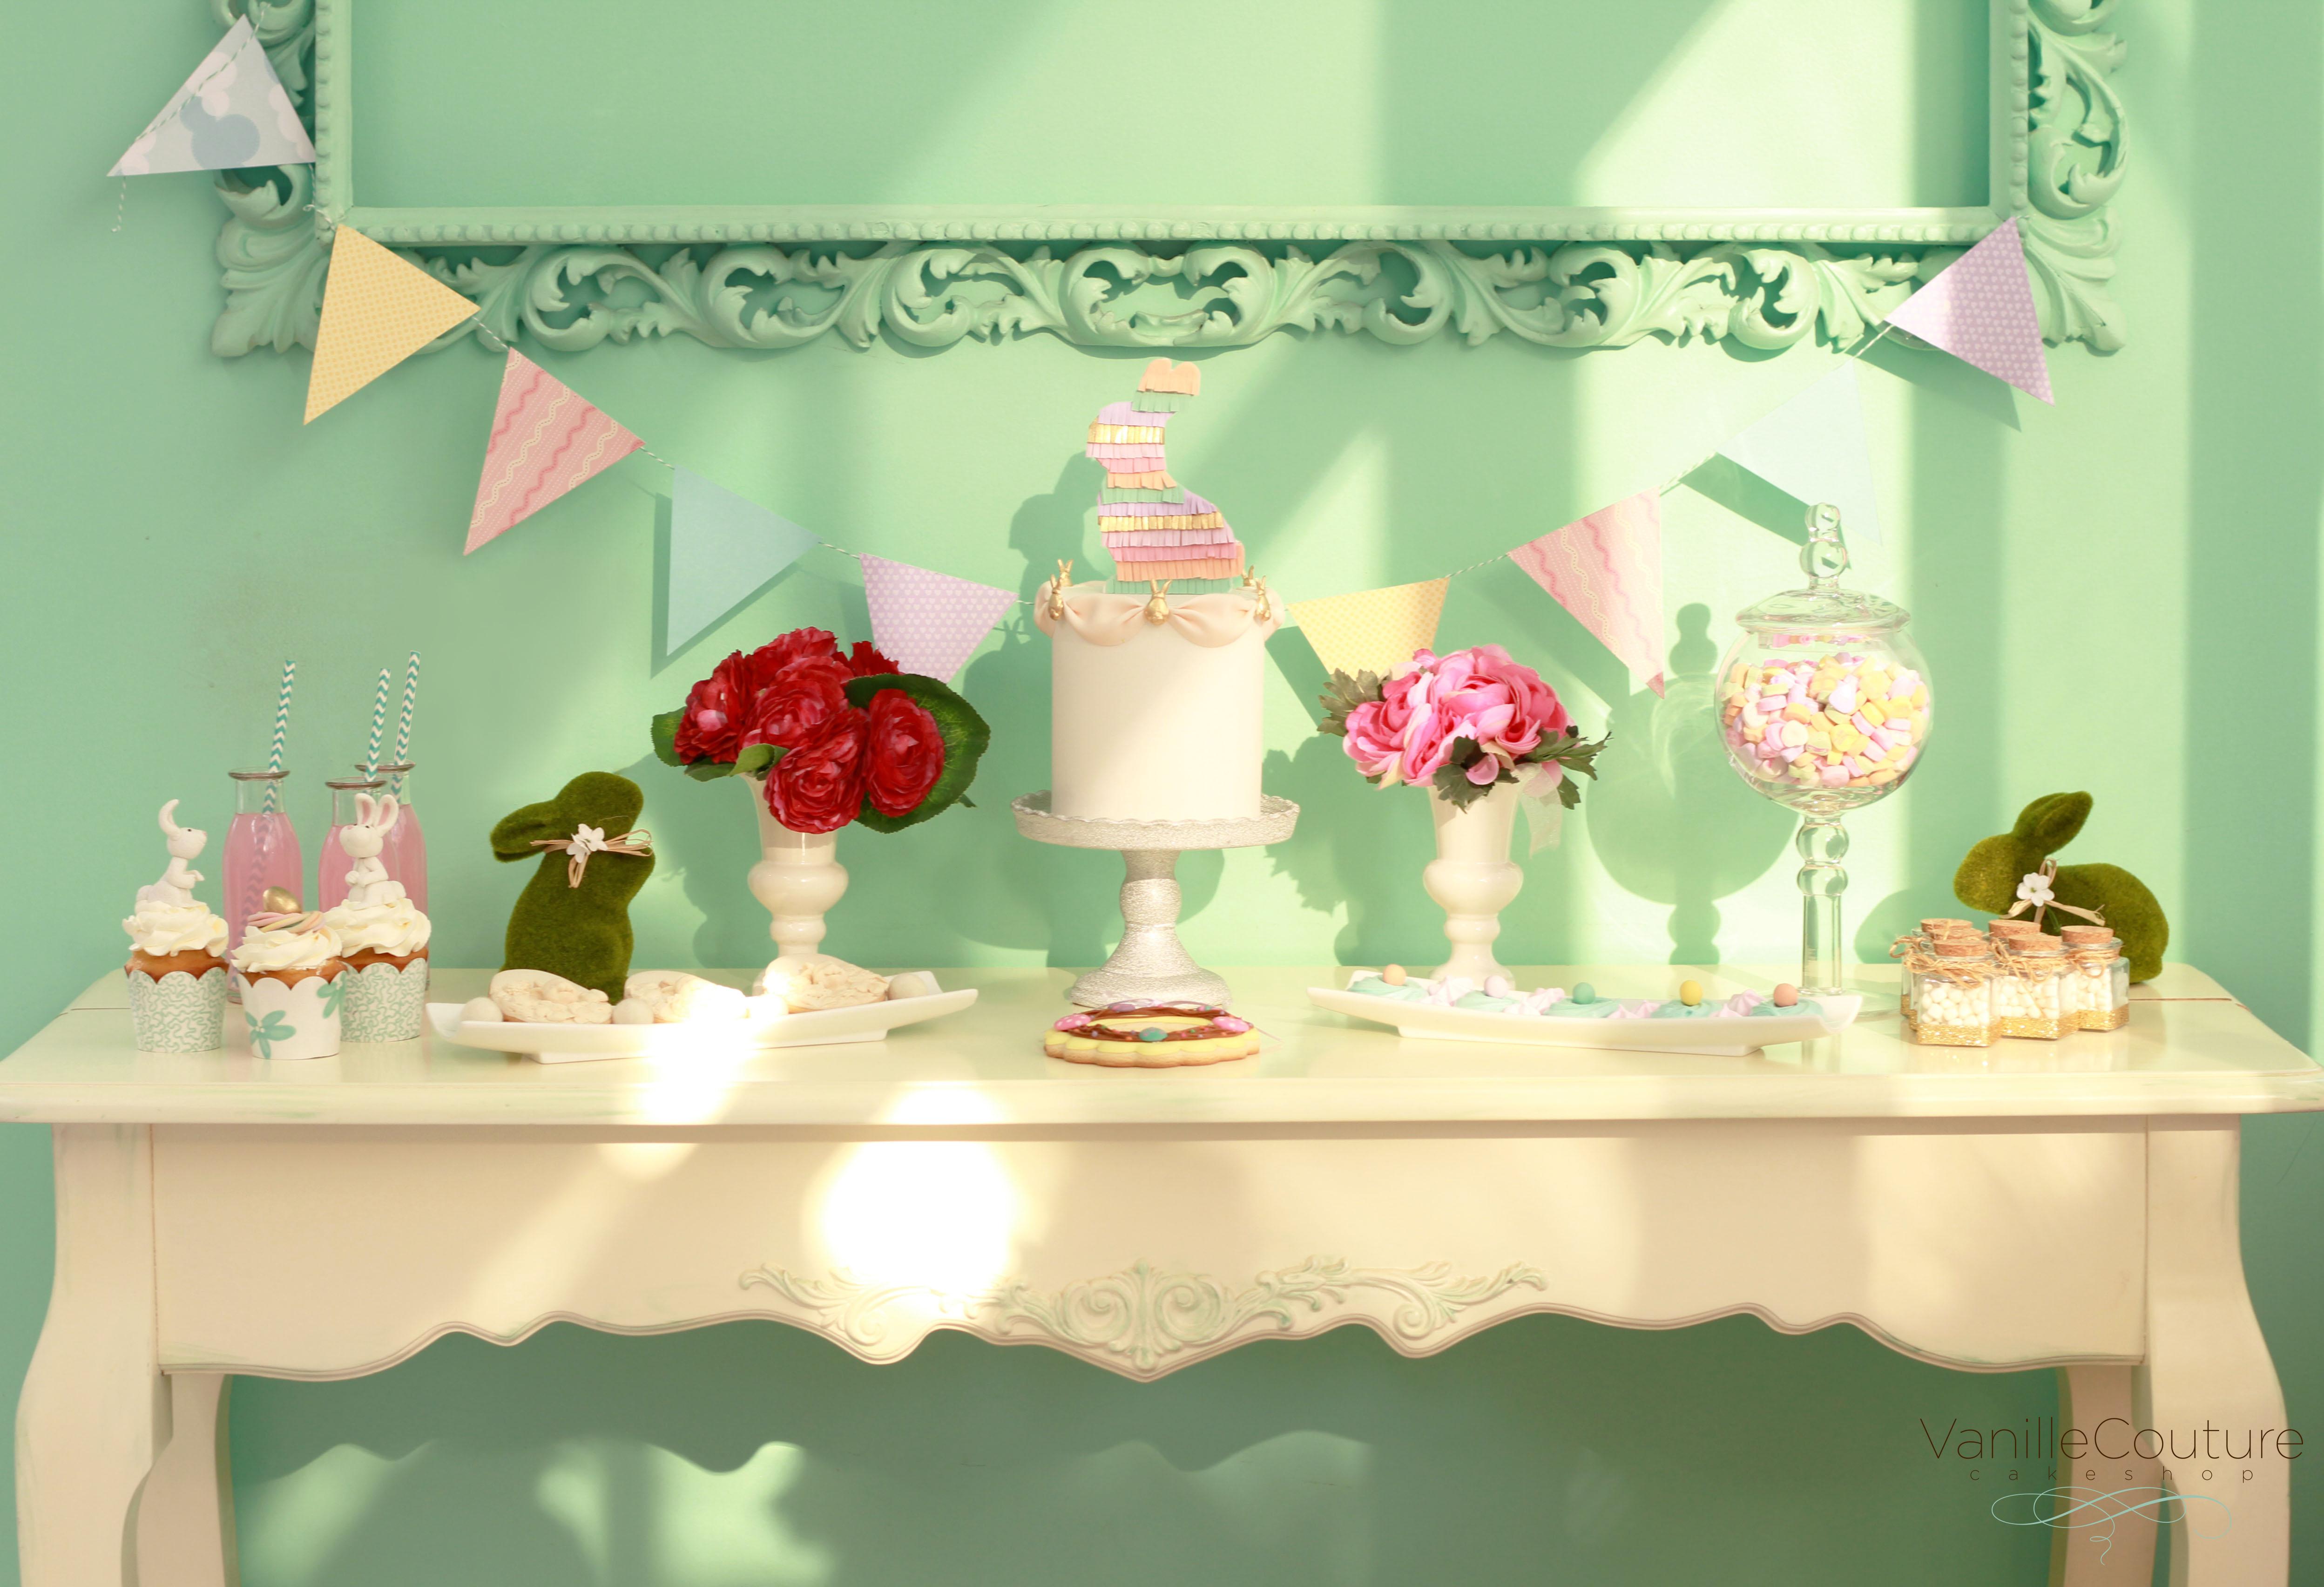 Willie-Soto-Lili-Cuellar-Vanilla-Couture-Cakeshop-Easter-3.jpg#asset:17189